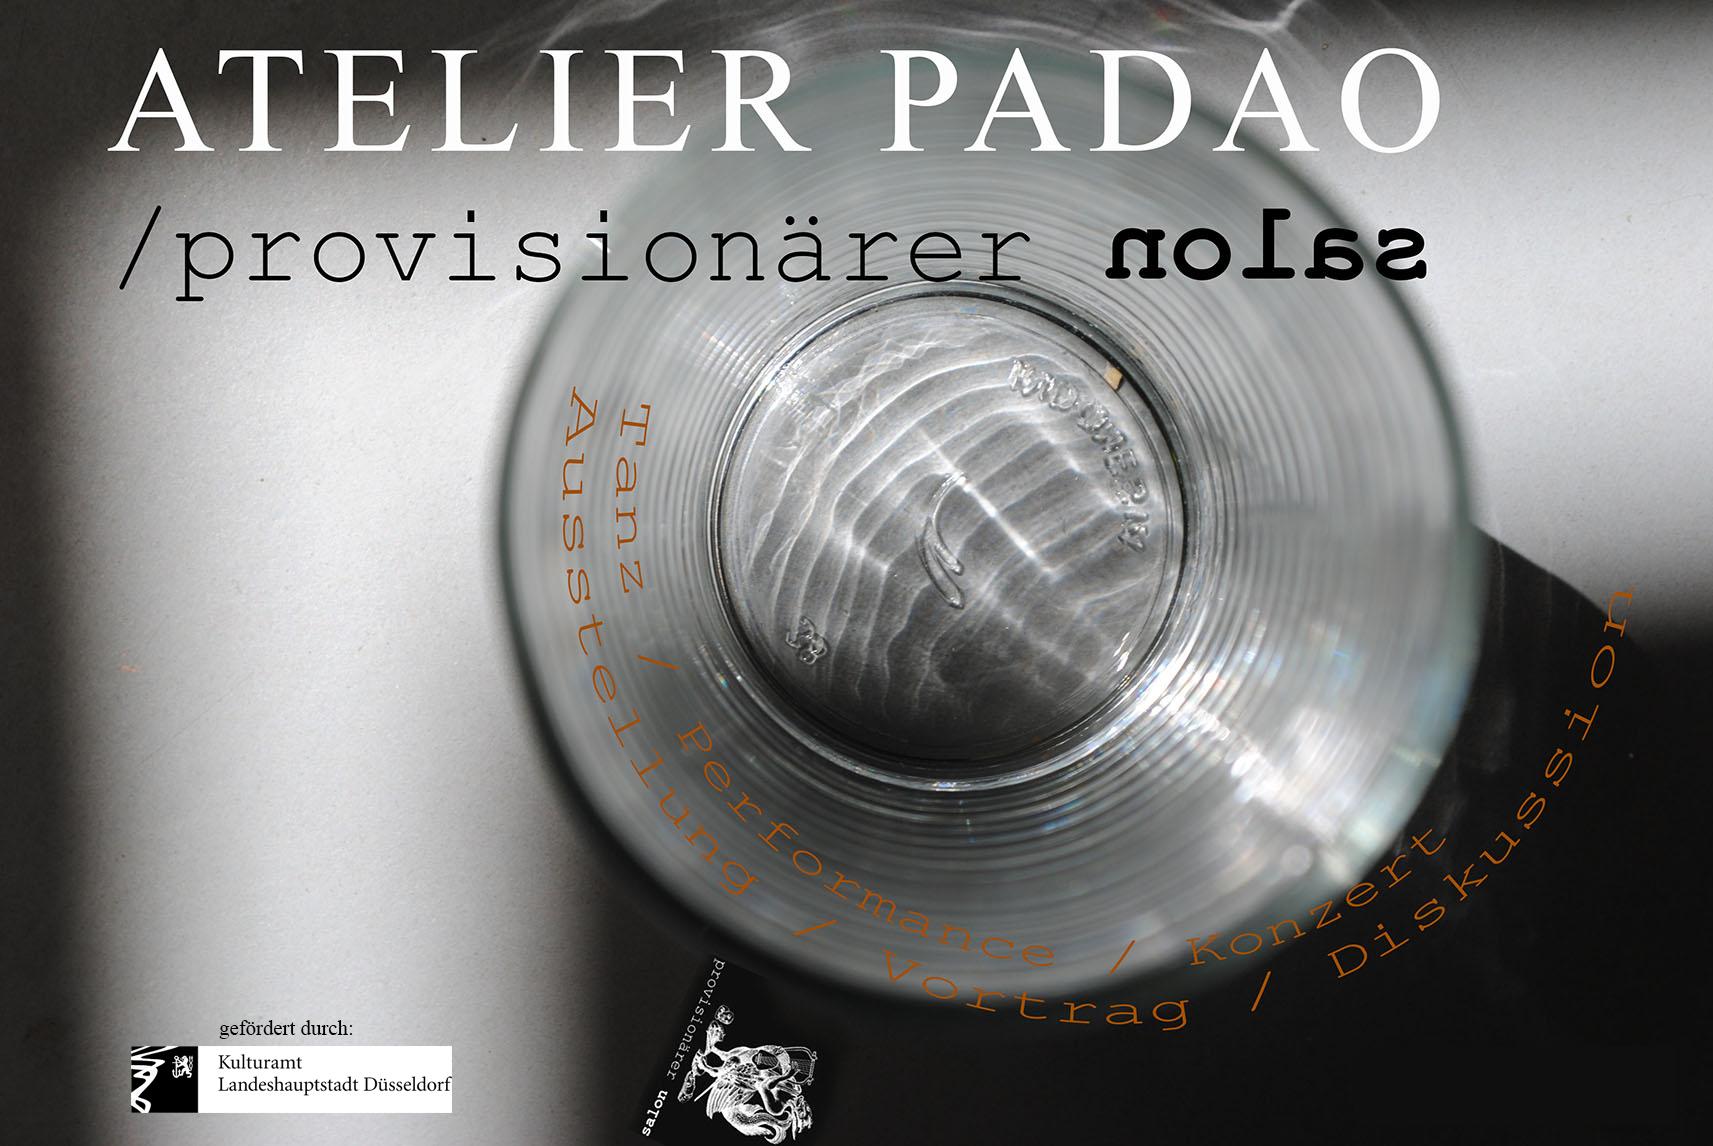 Atelier_Padao_D